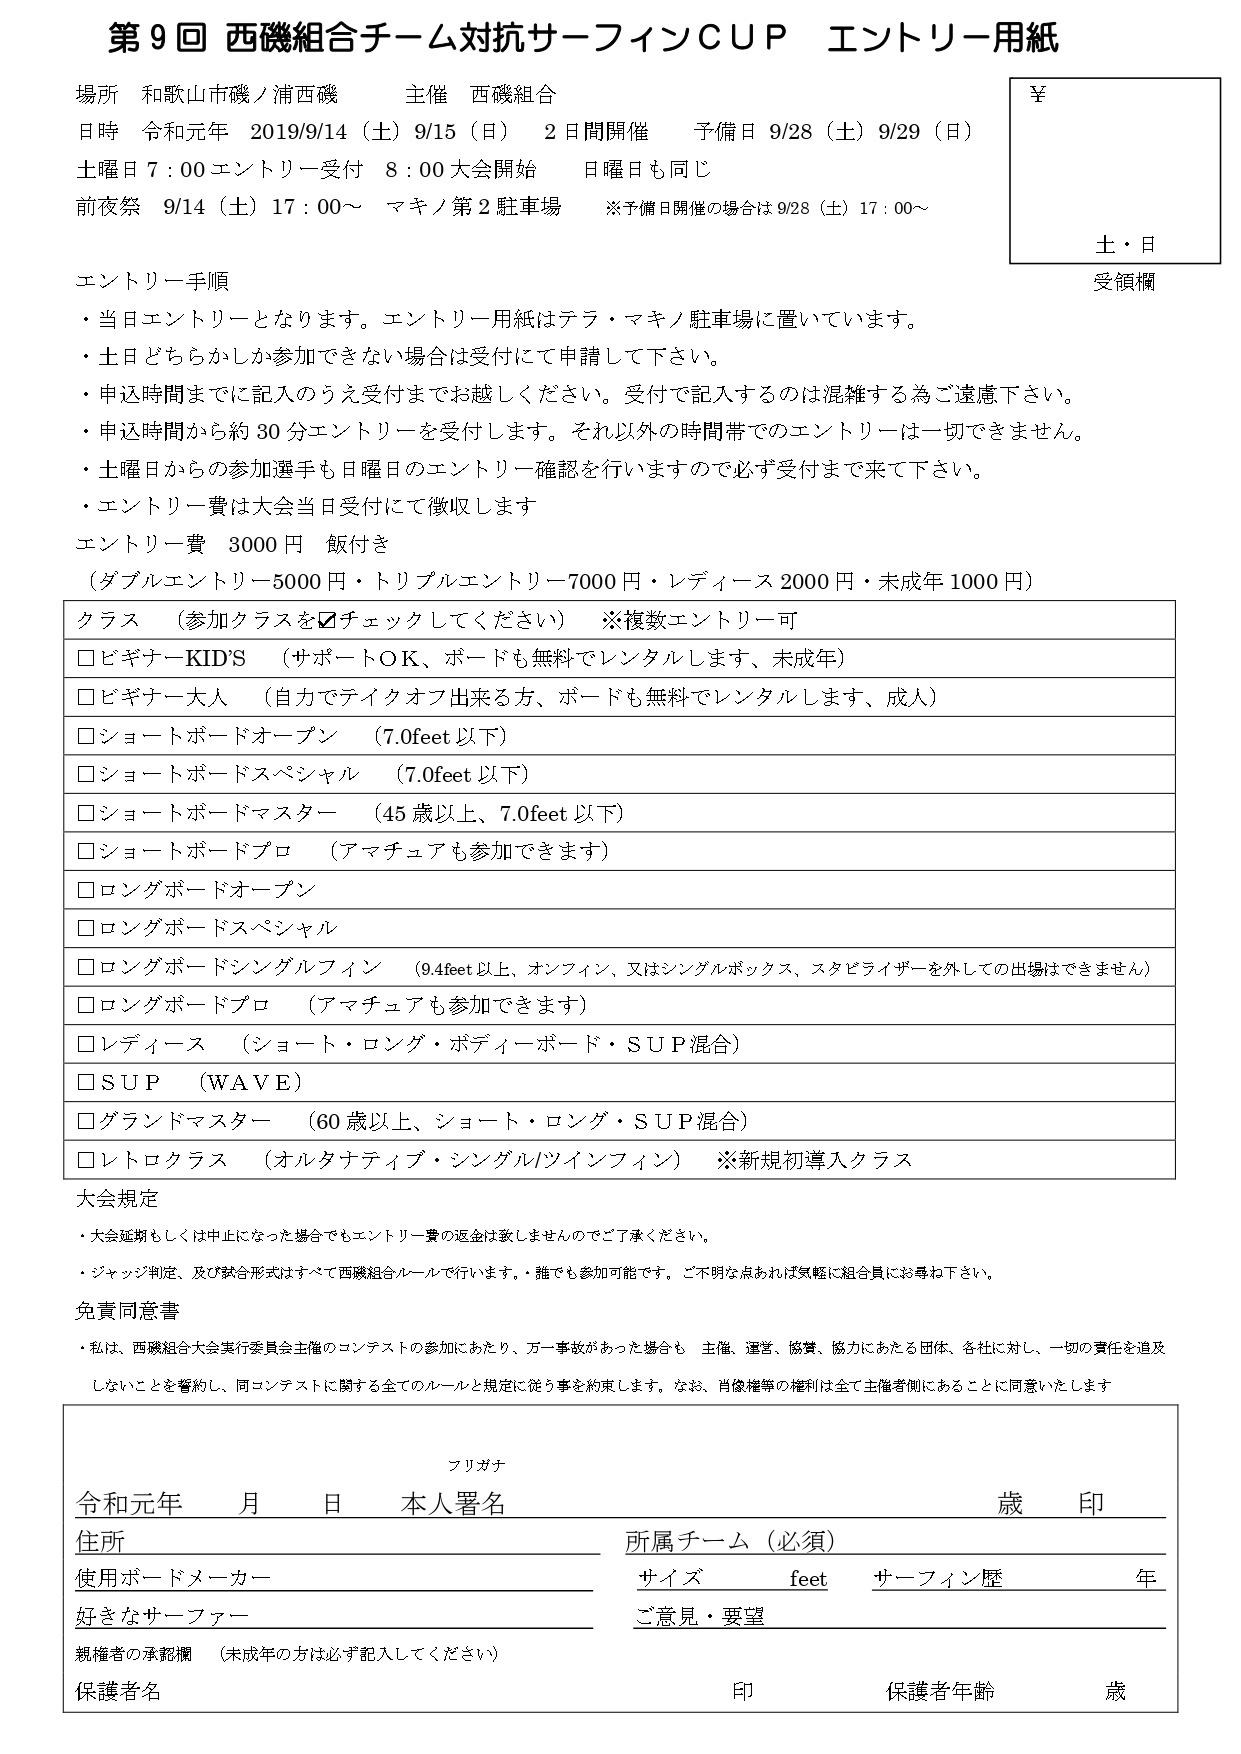 第9回西磯組合チーム対抗サーフィンCUP(エントリー用紙) - コピー_page-0001